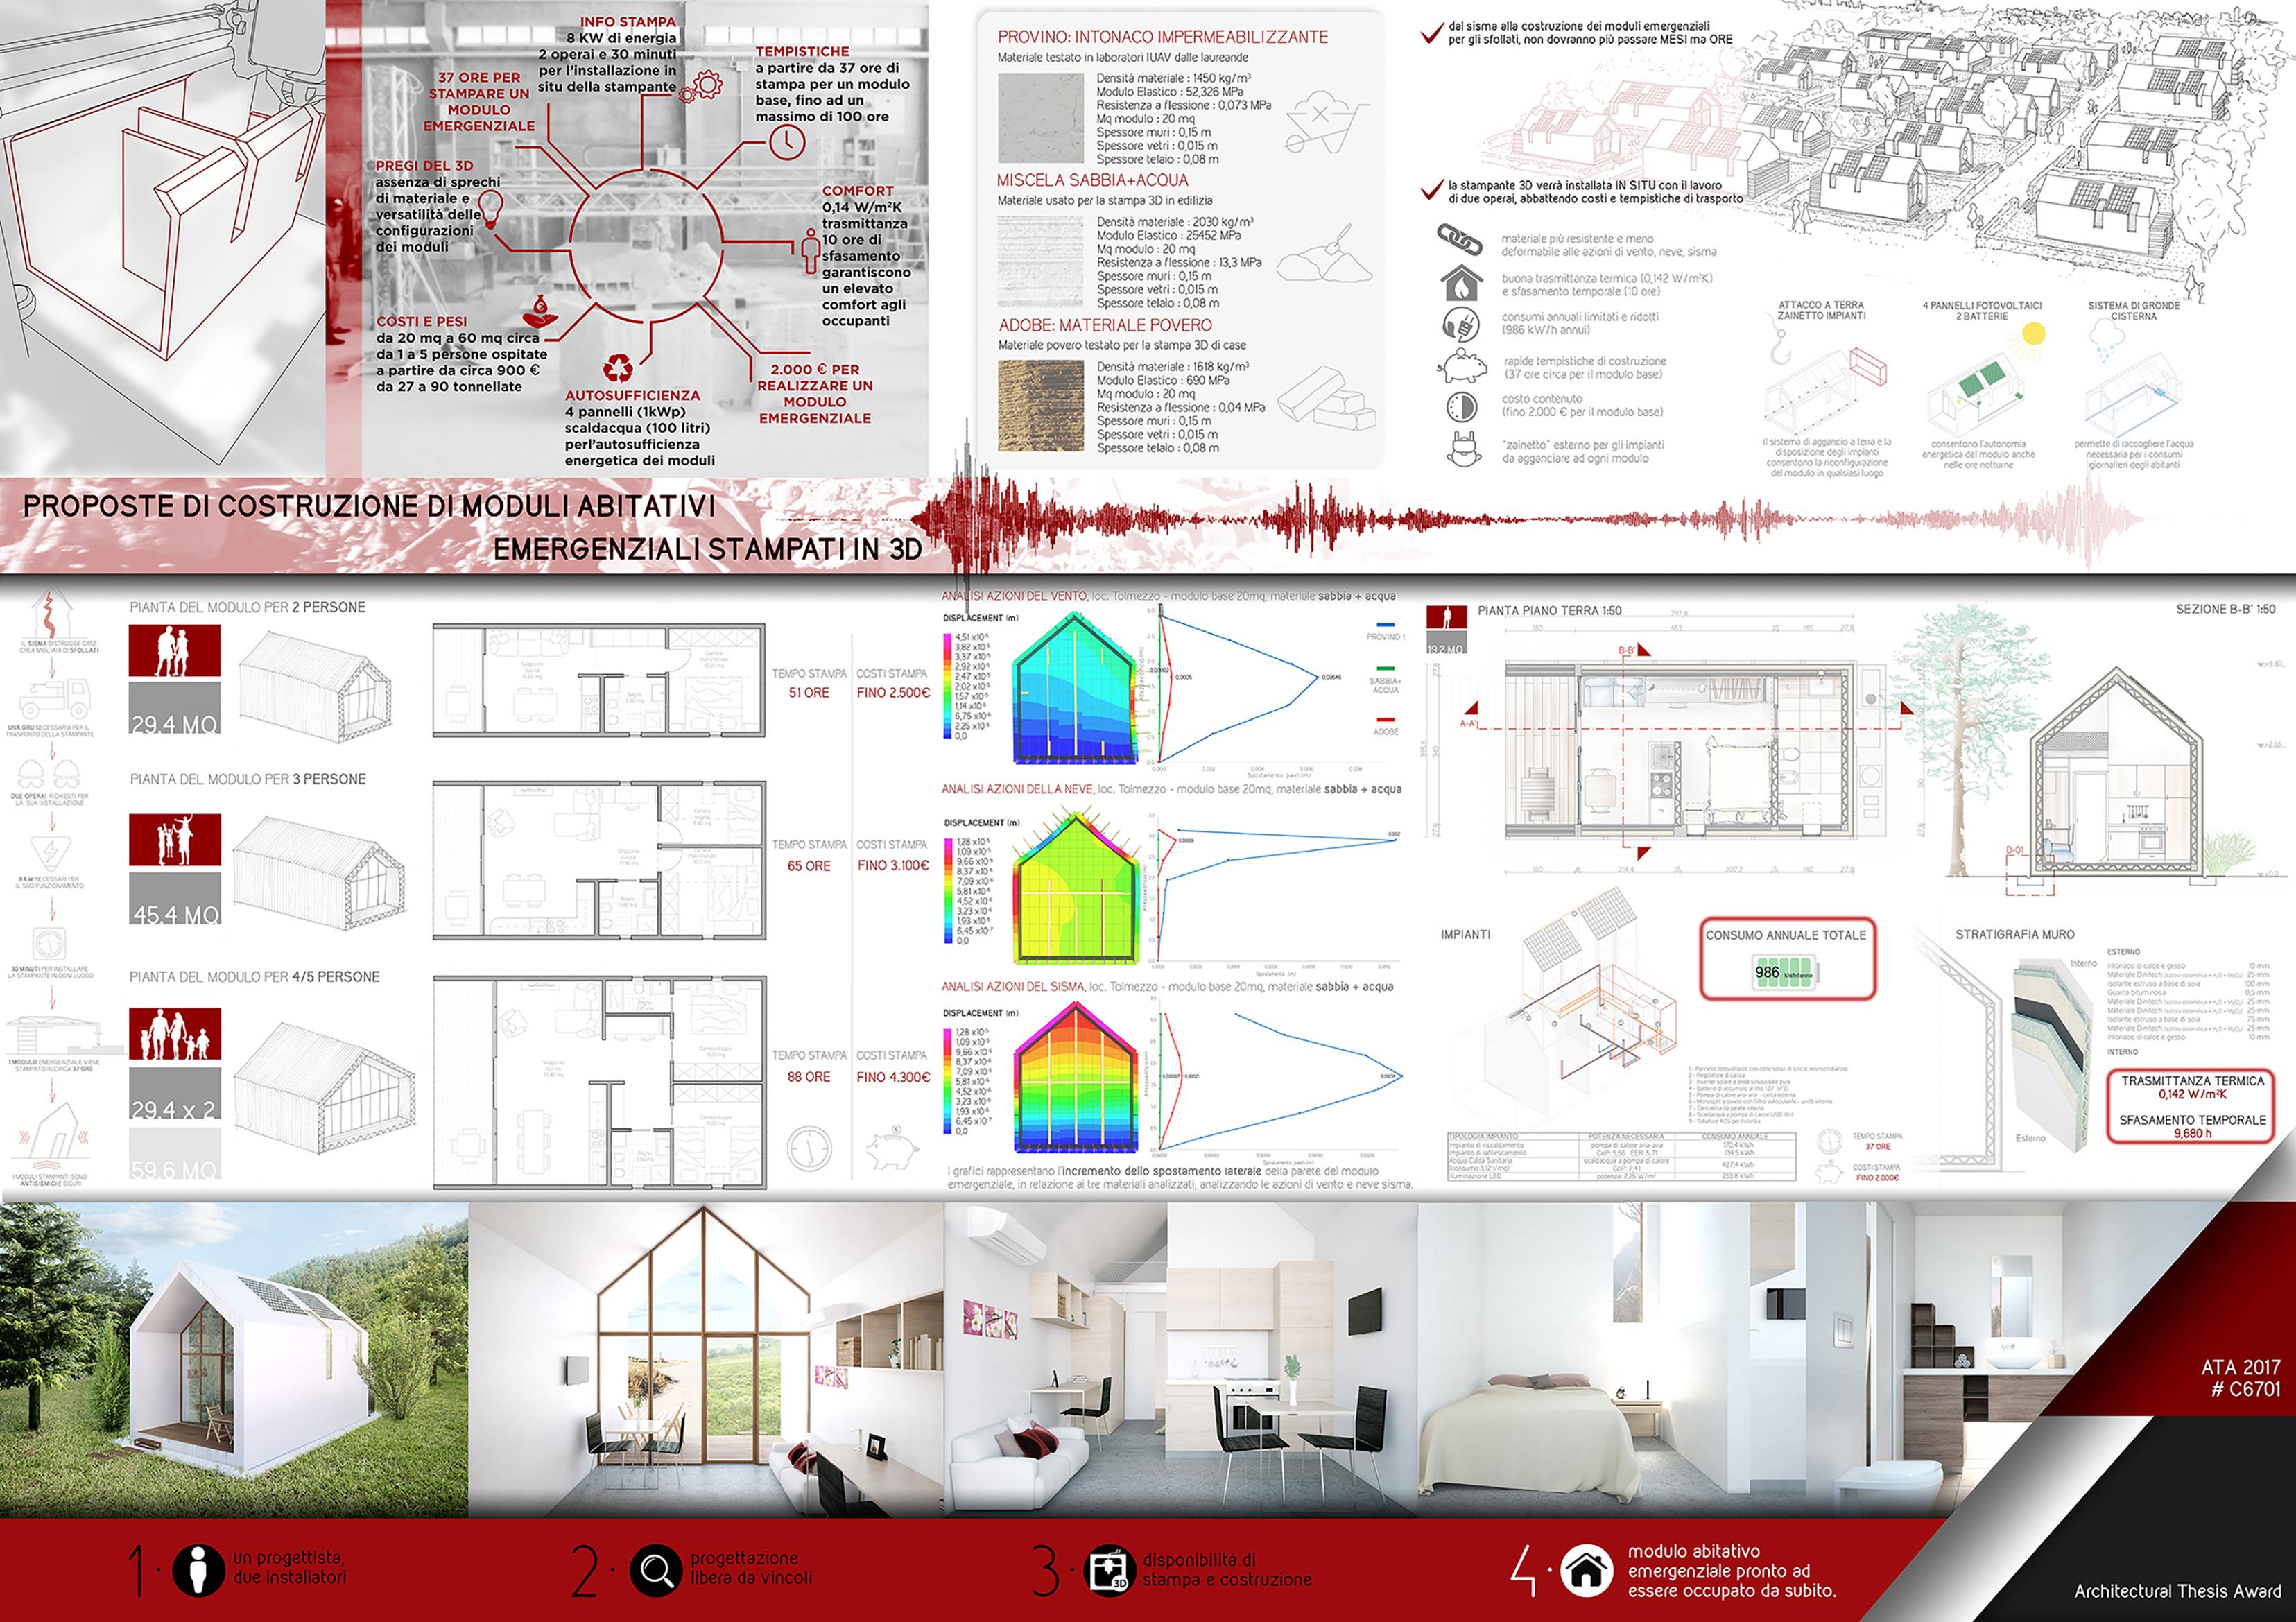 Proposte di costruzione di moduli abitativi emergenziali stampati in 3D Board